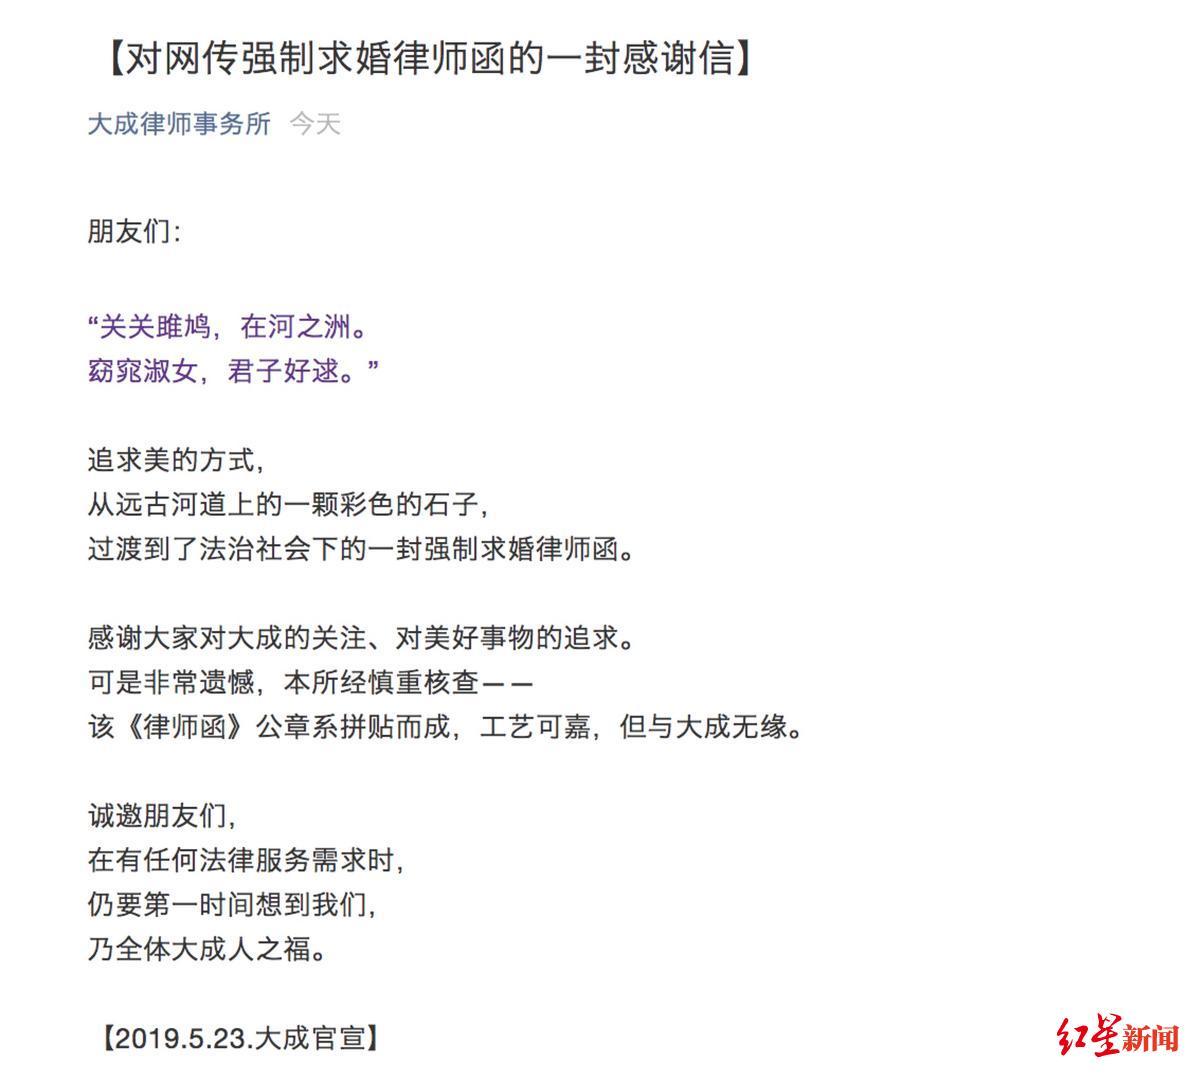 大成律所回应网传求婚律师函:公章系拼贴而成